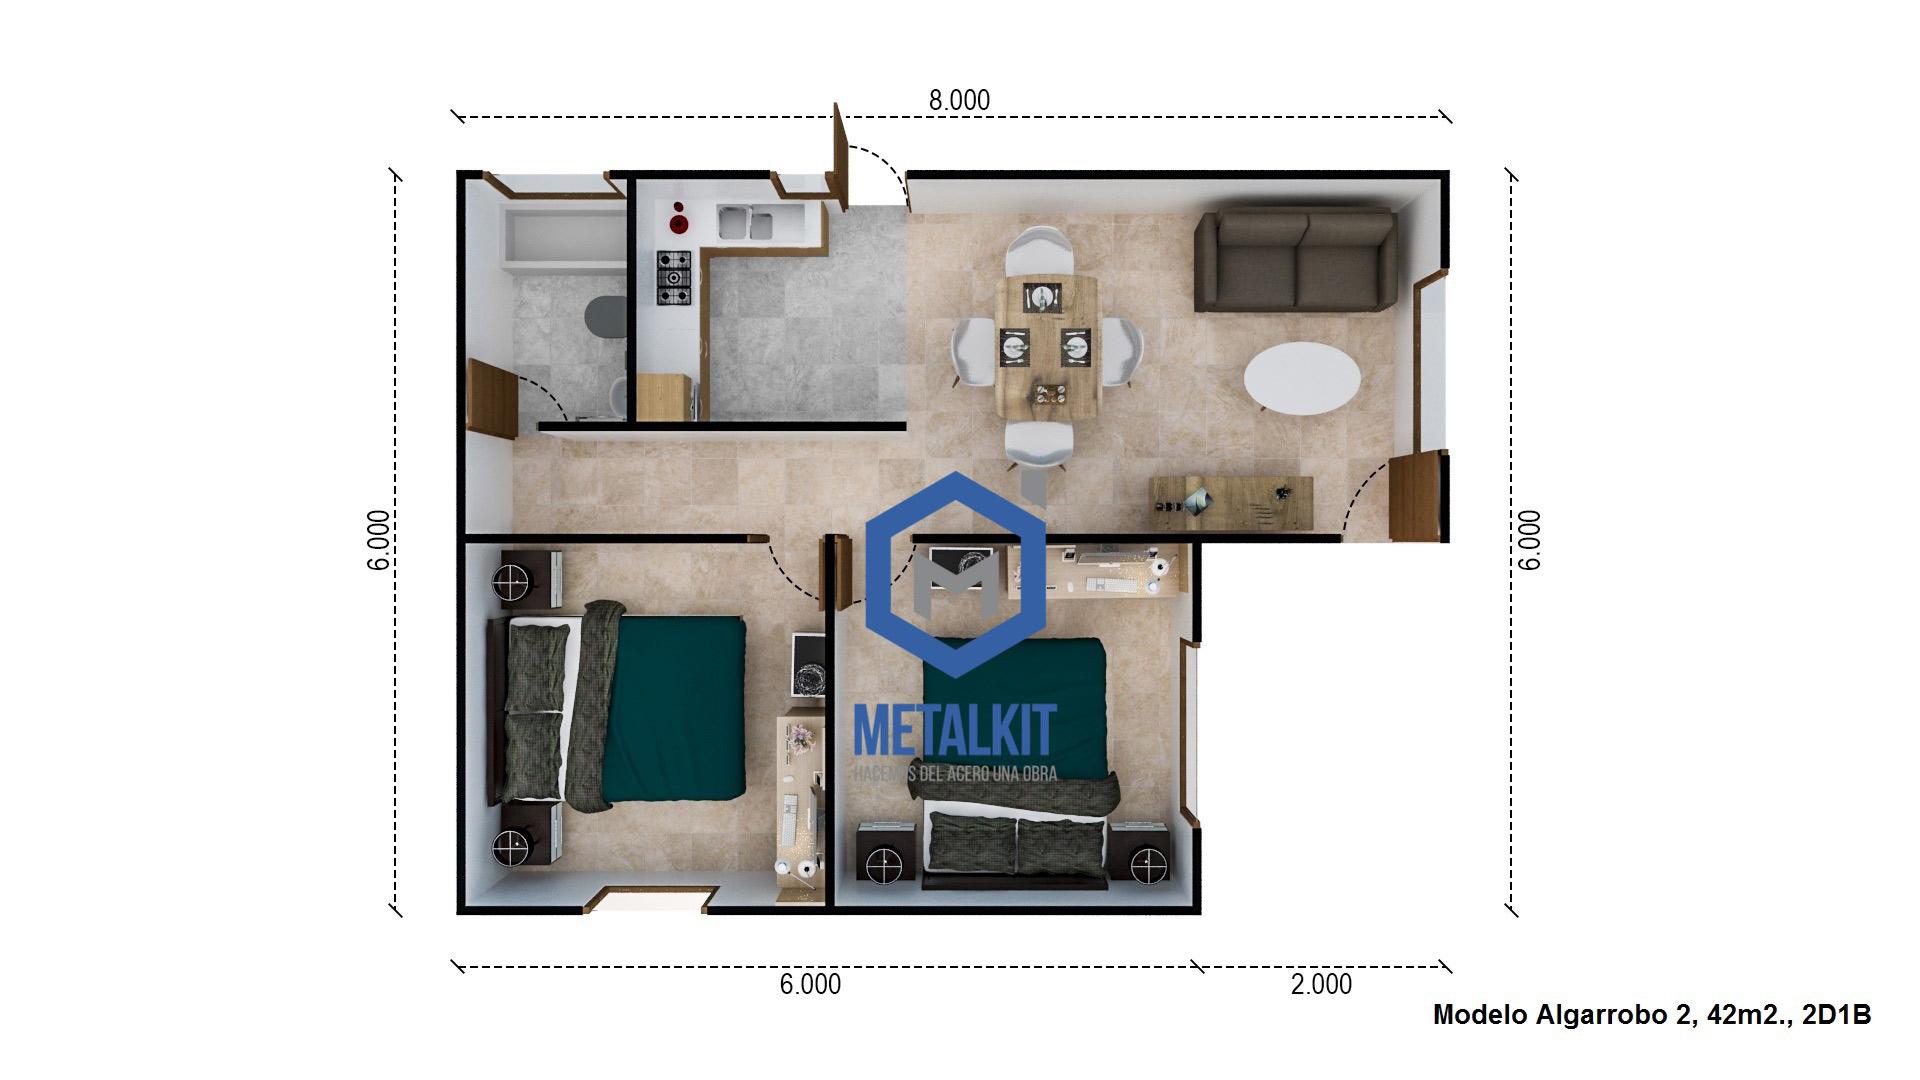 Cf casas prefabricadas casas modulares metalcom y madera - Habitaciones de madera prefabricadas ...